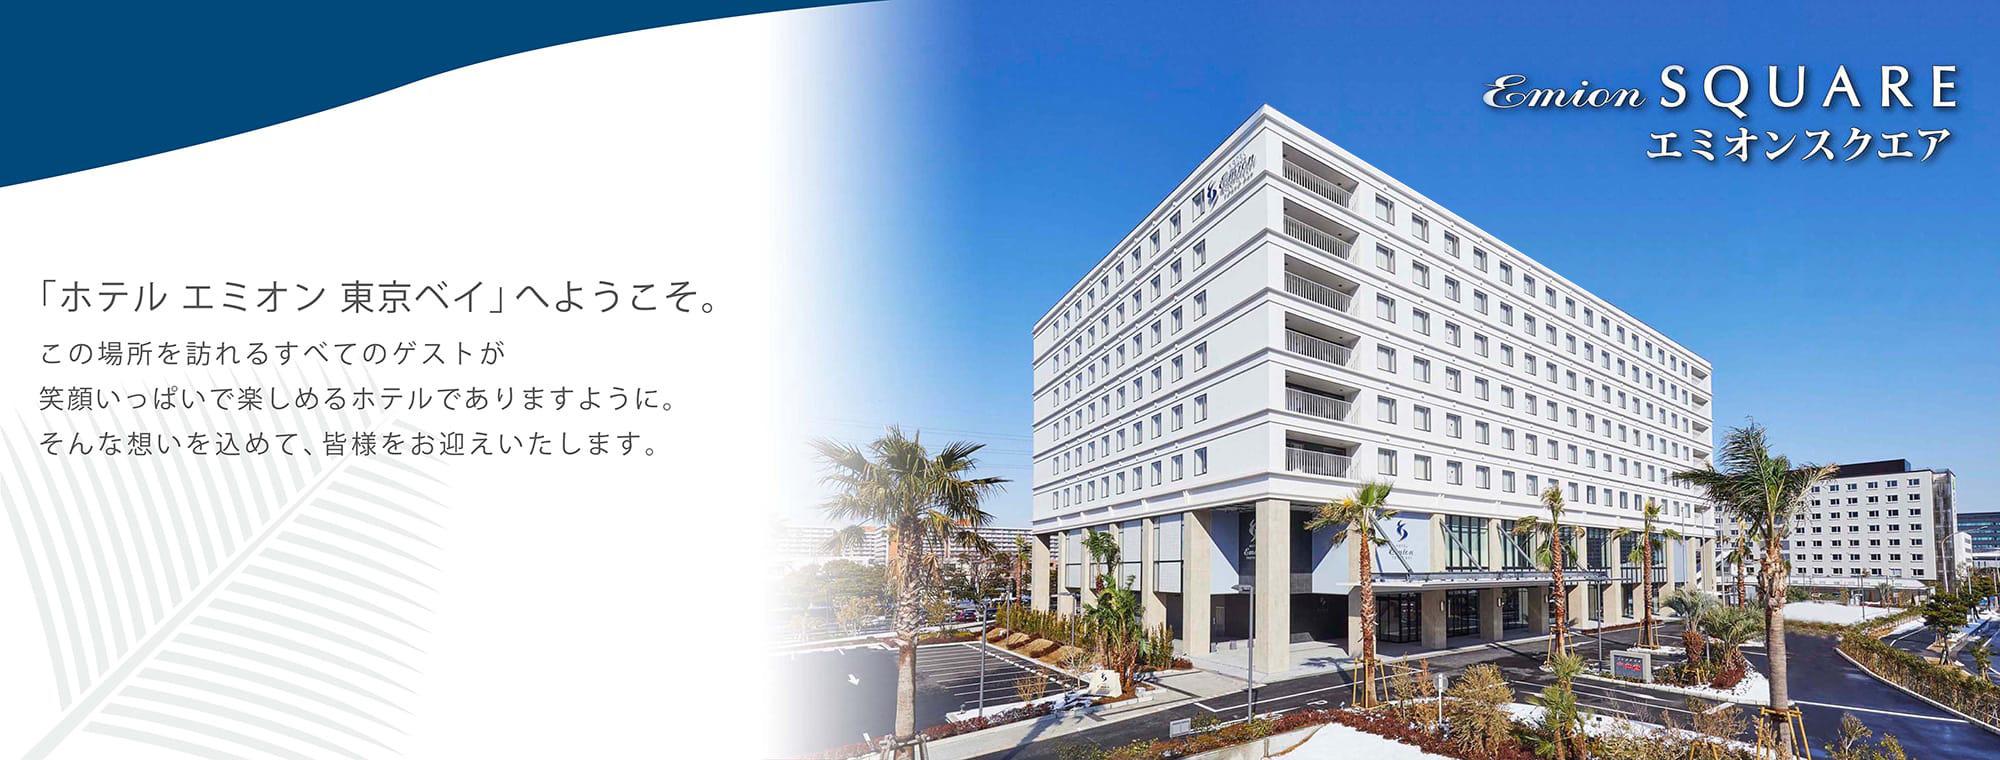 公式】ホテル エミオン東京ベイ/東京ディズニーリゾート®パートナー